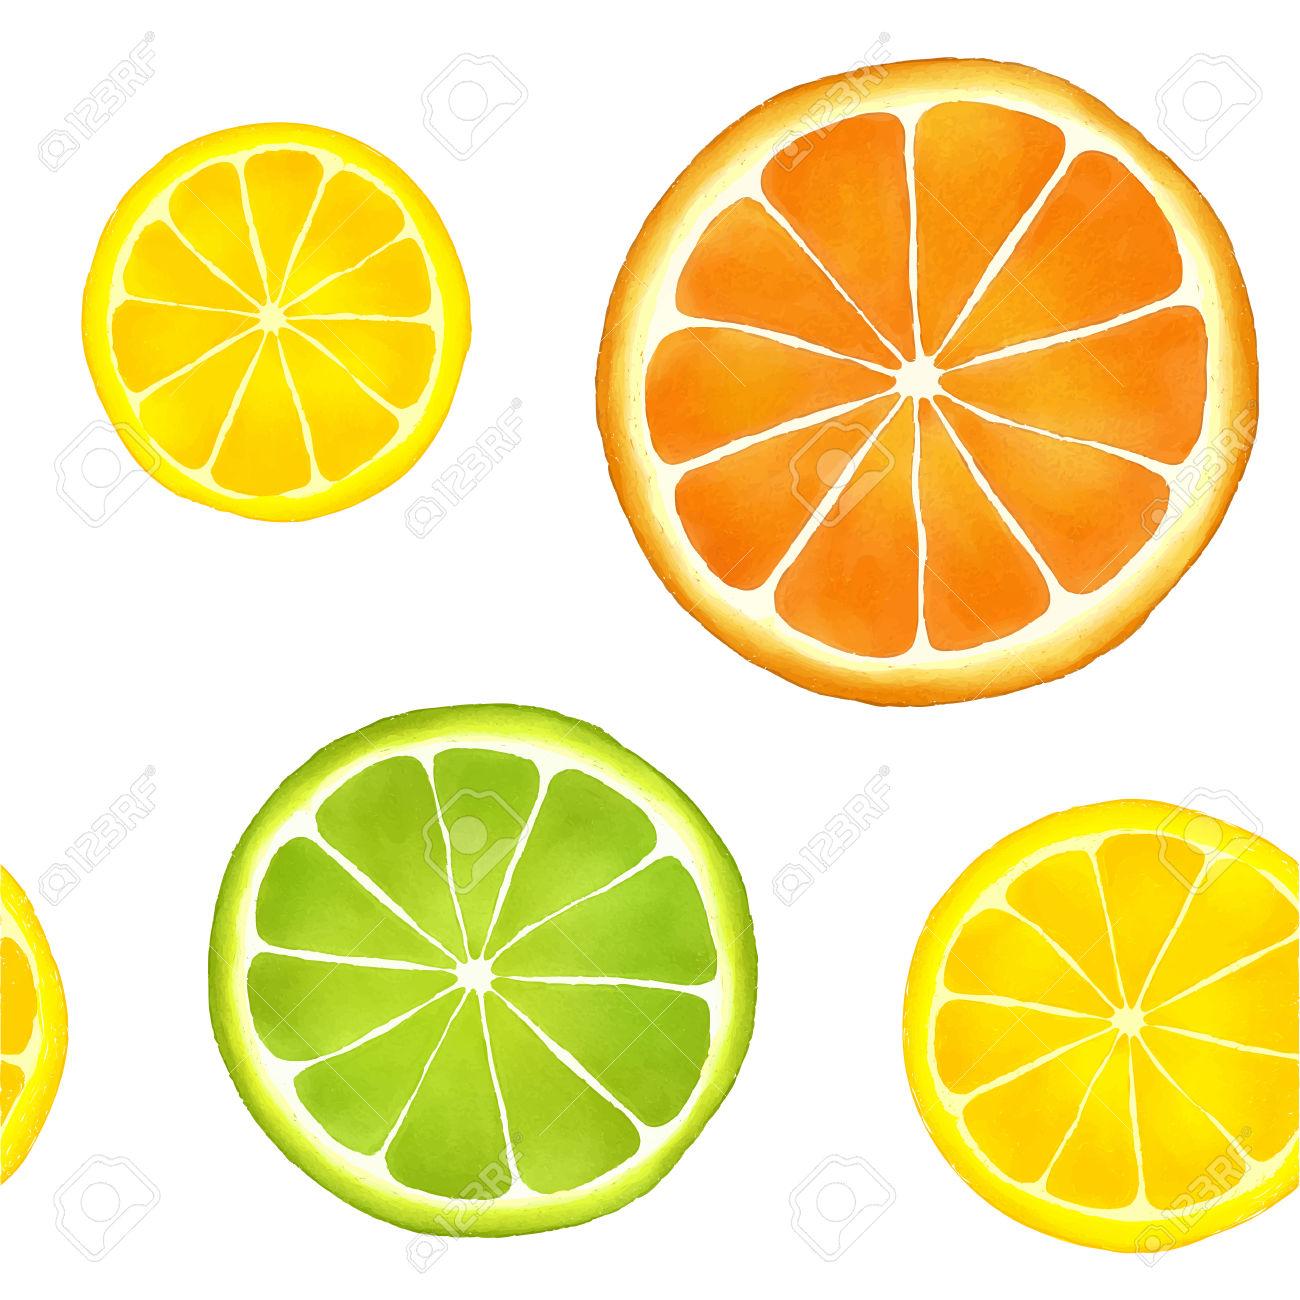 1300x1300 Citrus Clipart Lemon And Lime